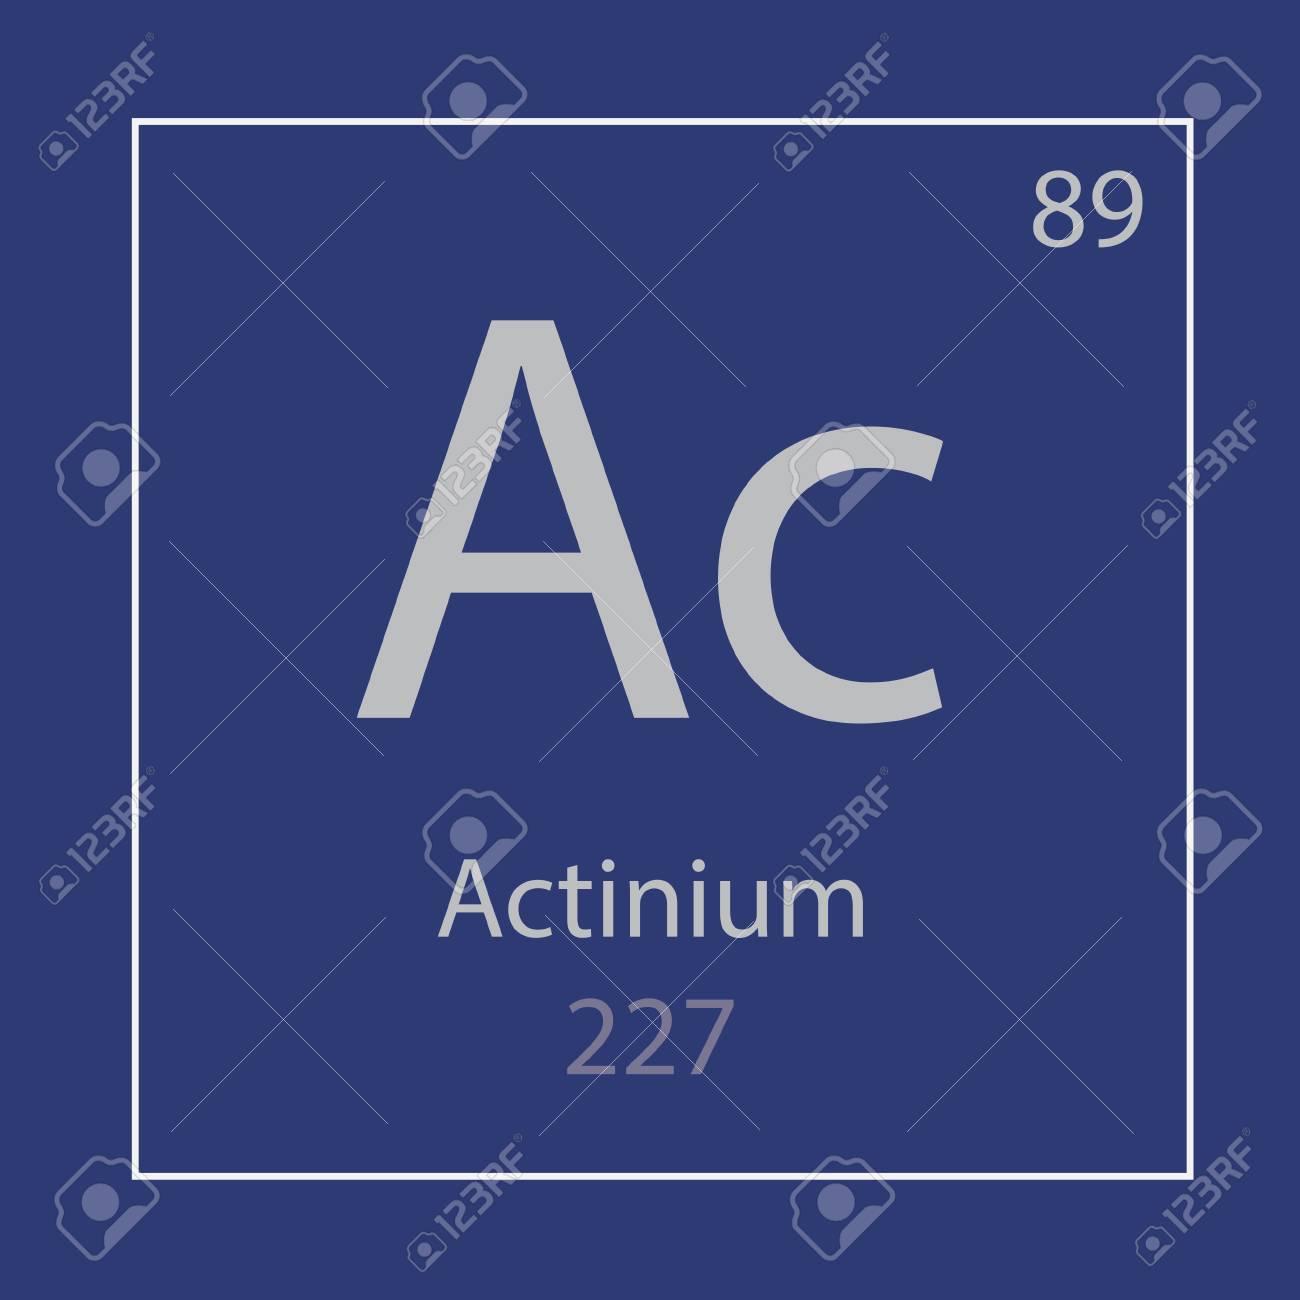 Actinium Ac chemical element icon- vector illustration